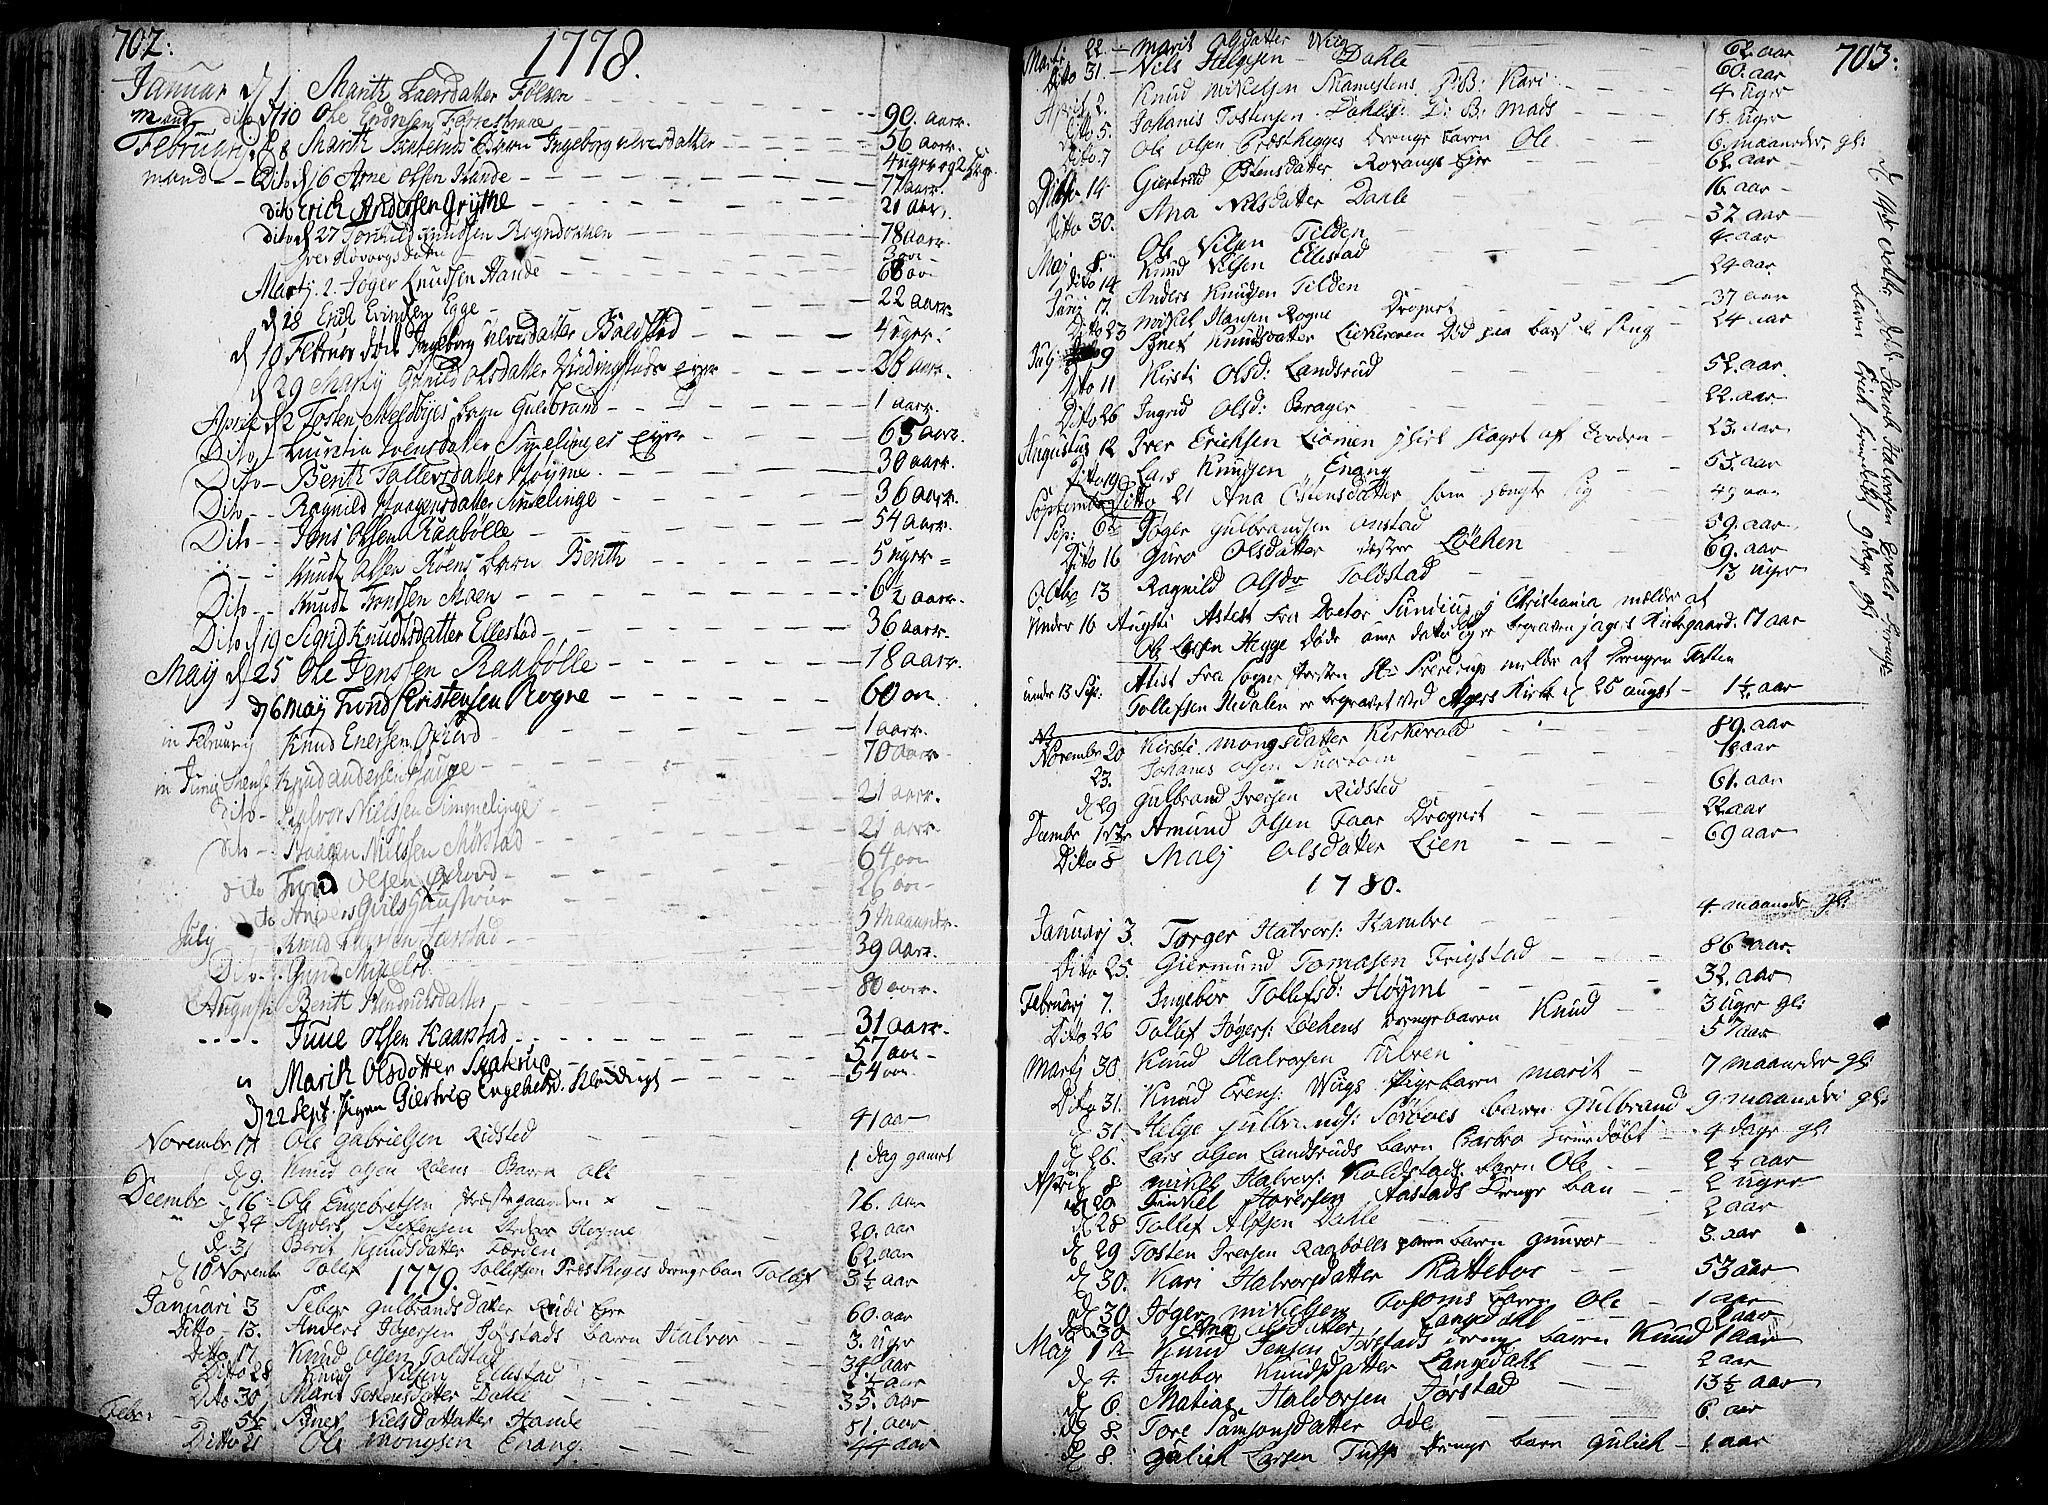 SAH, Slidre prestekontor, Ministerialbok nr. 1, 1724-1814, s. 702-703